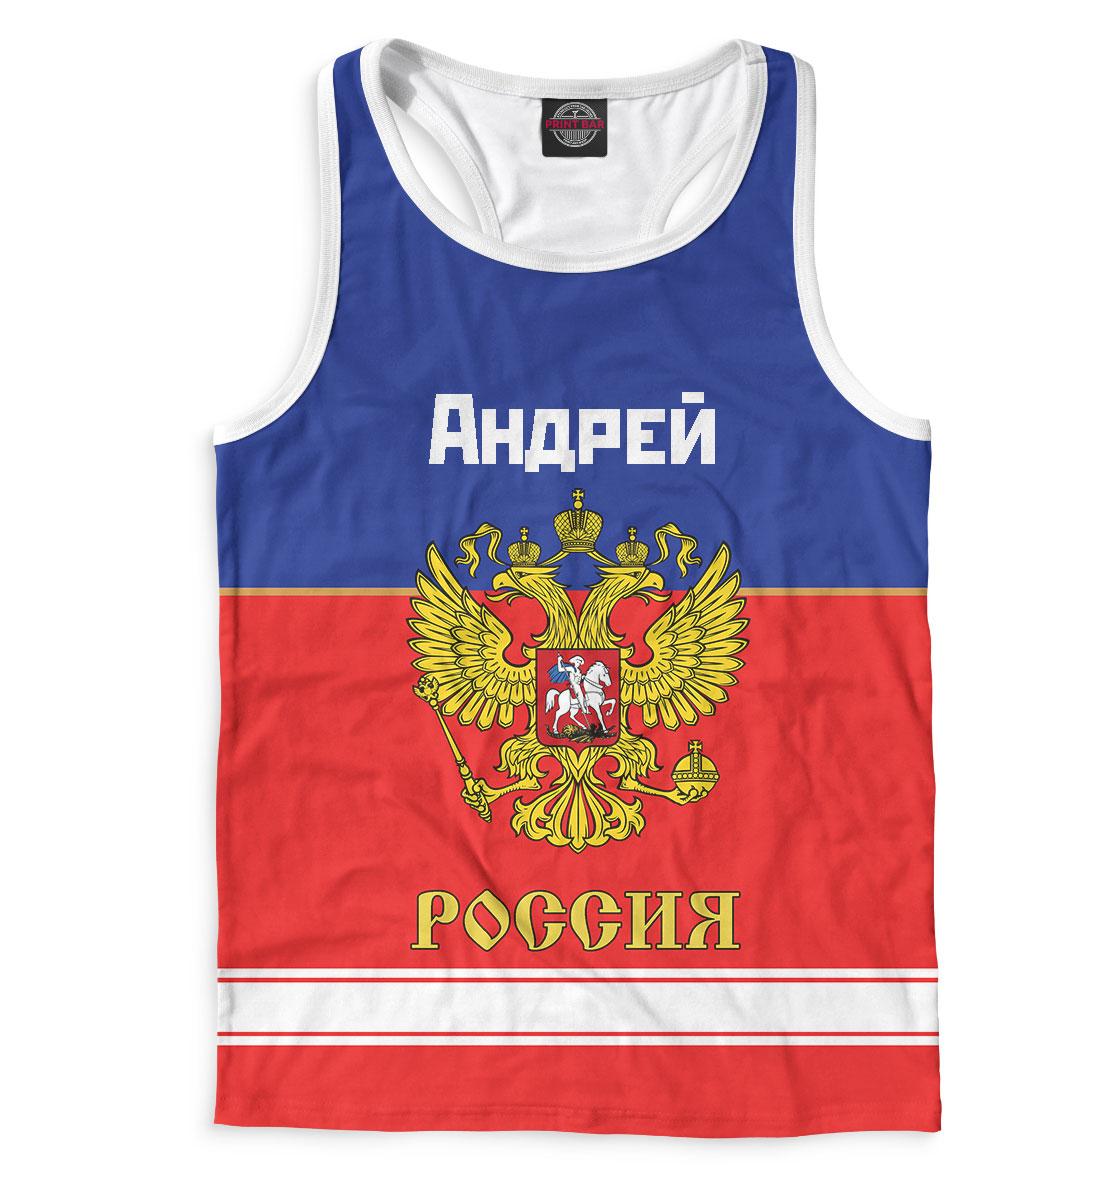 Купить Хоккеист Андрей, Printbar, Майки борцовки, AND-327794-mayb-2